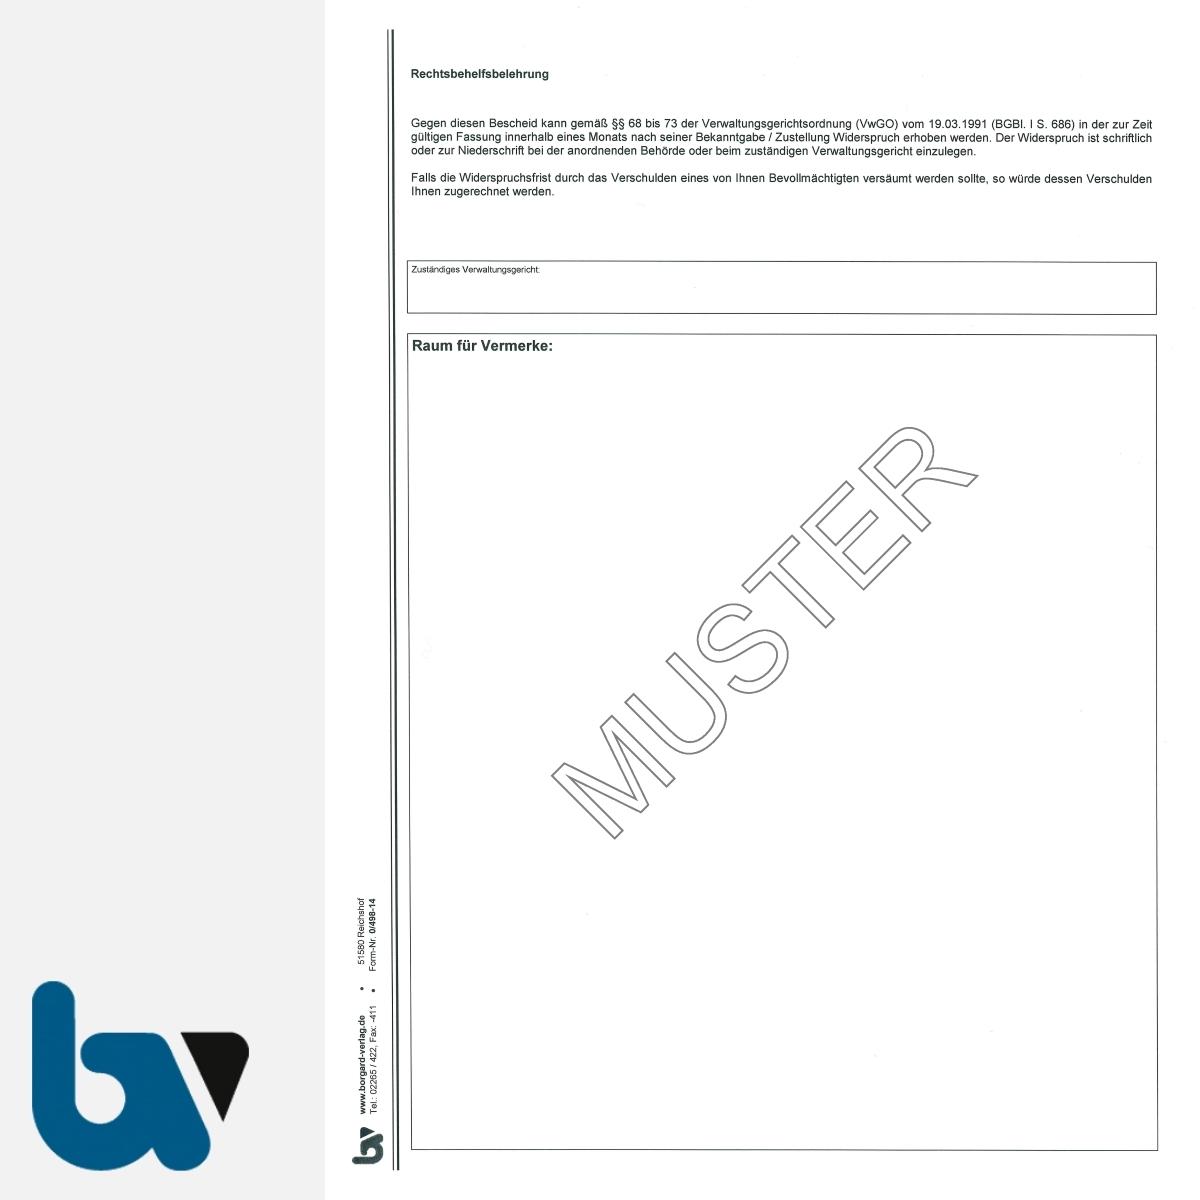 0/498-14 Ausnahmegenehmigung 46 Straßenverkehrsordnung StVO Bewilligung Bewohnerparkausweis selbstdurchschreibend DIN A4 2-fach RS | Borgard Verlag GmbH